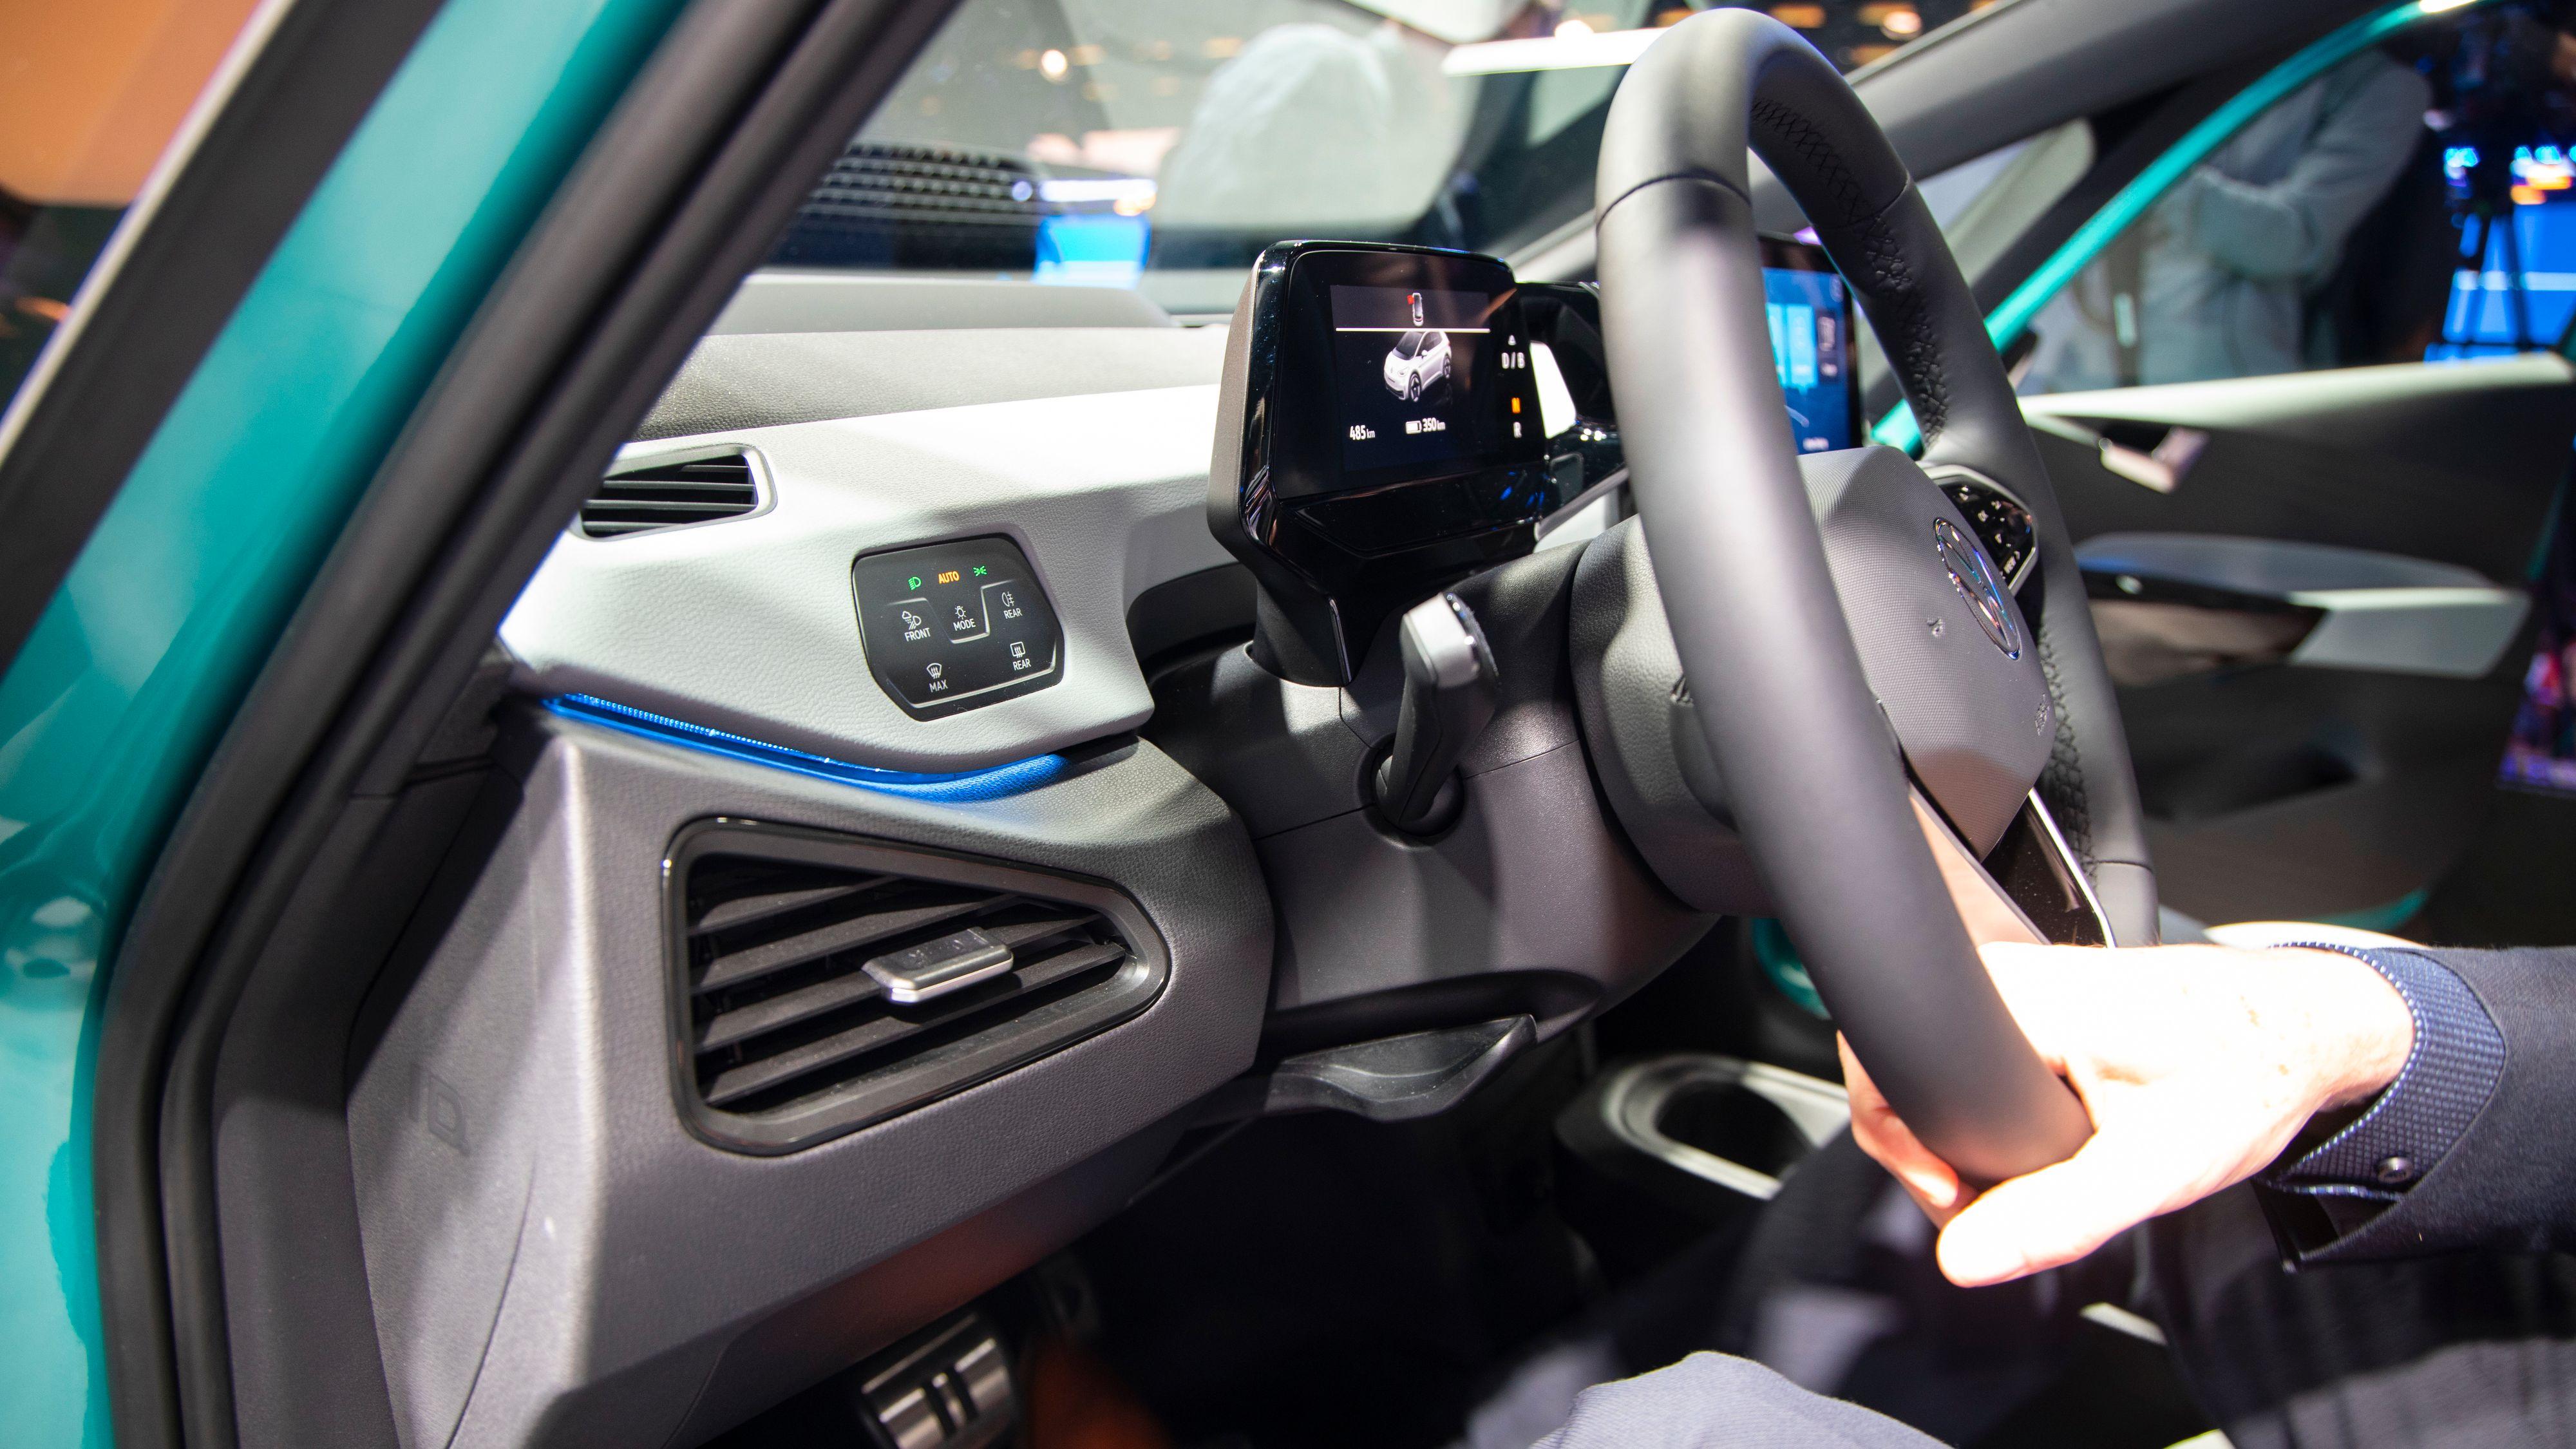 Touchknapper på begge sider av føreren.